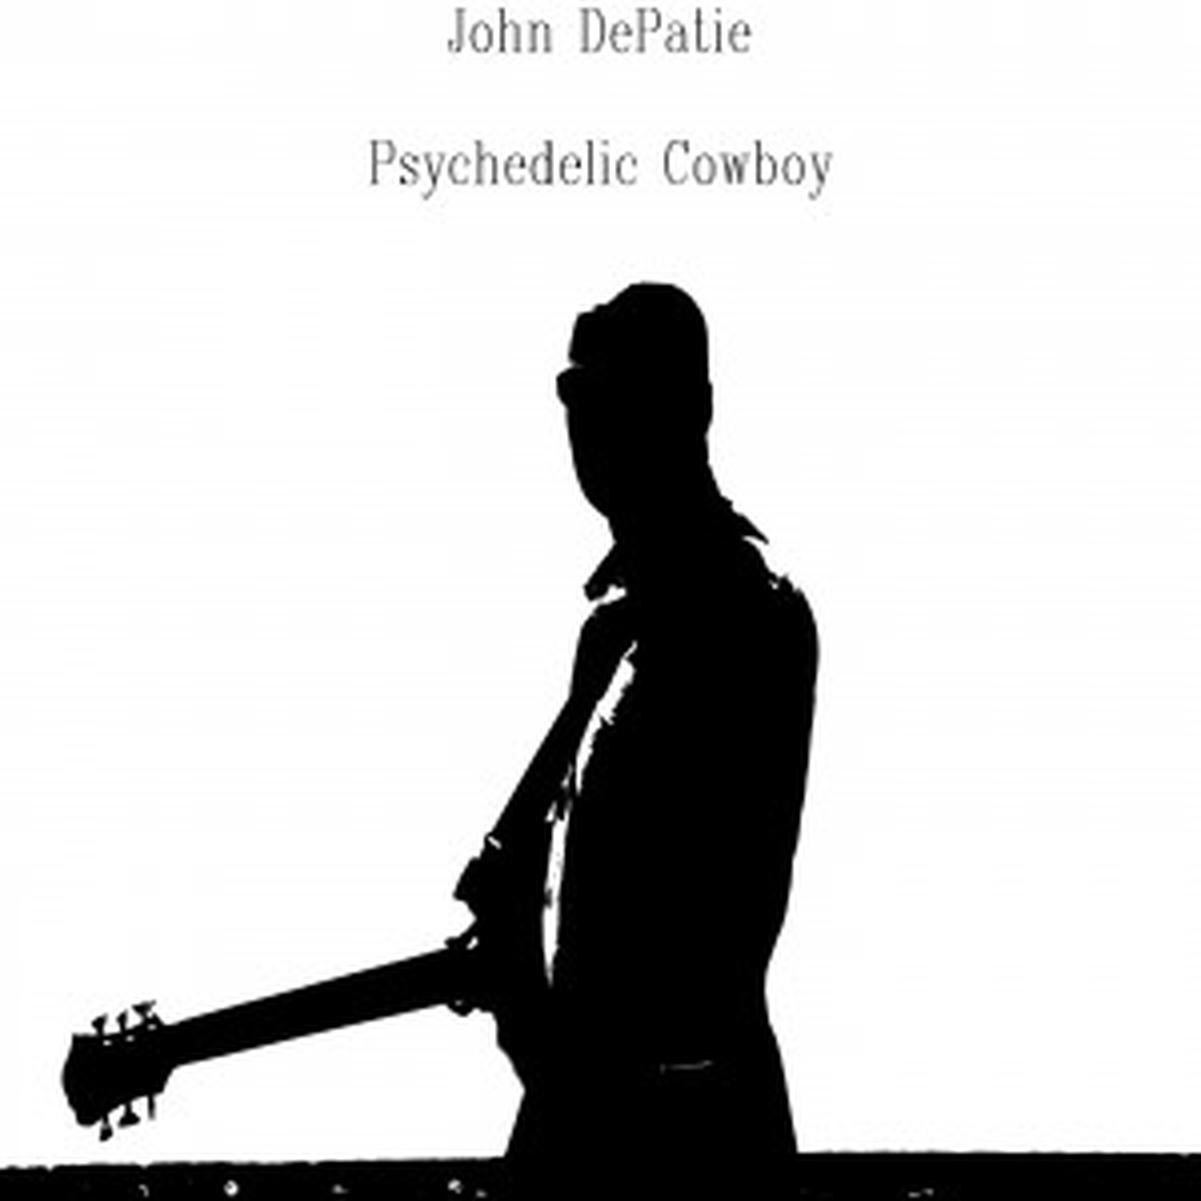 John DePatie